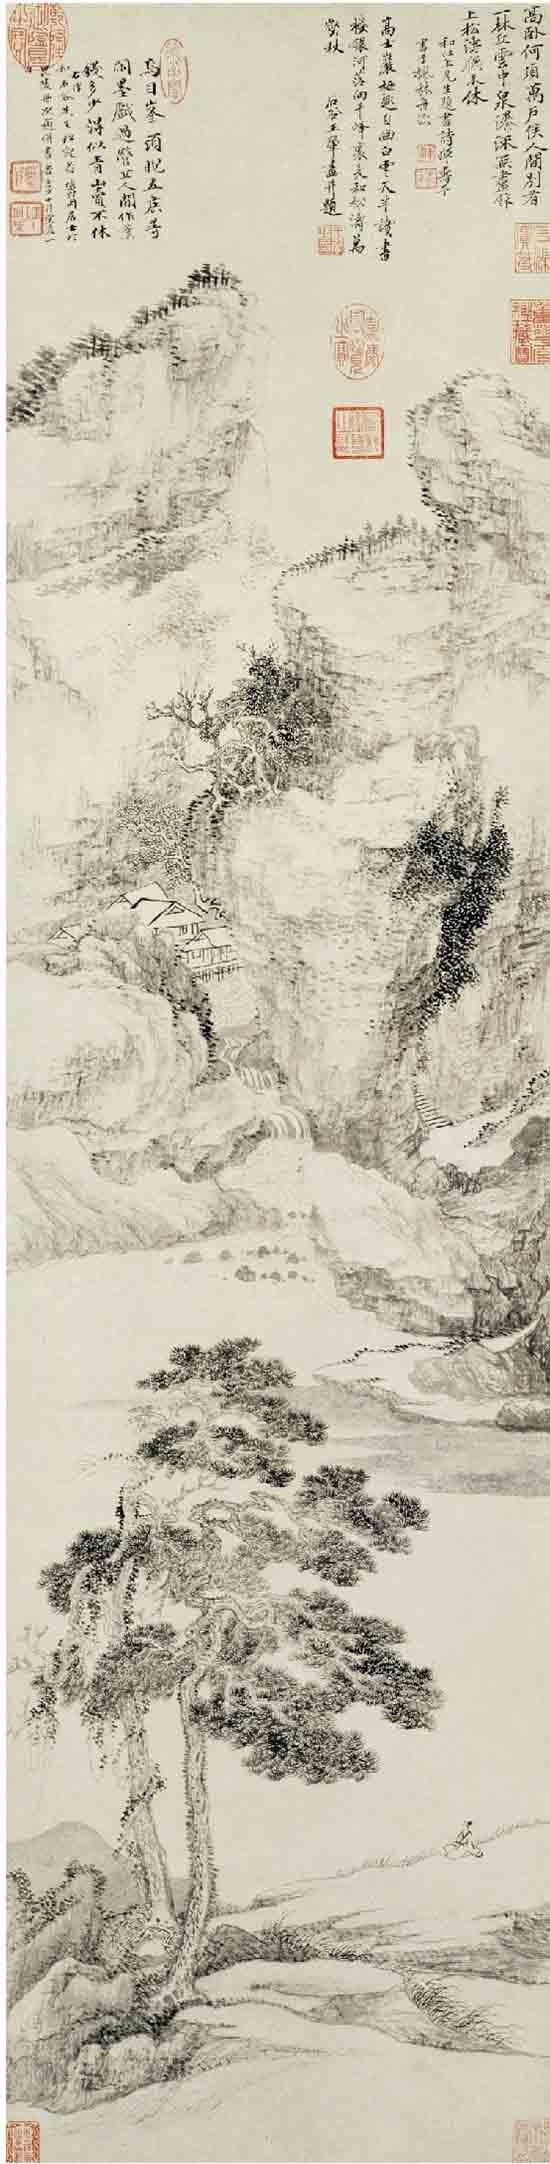 清 王� 岩栖高士图轴